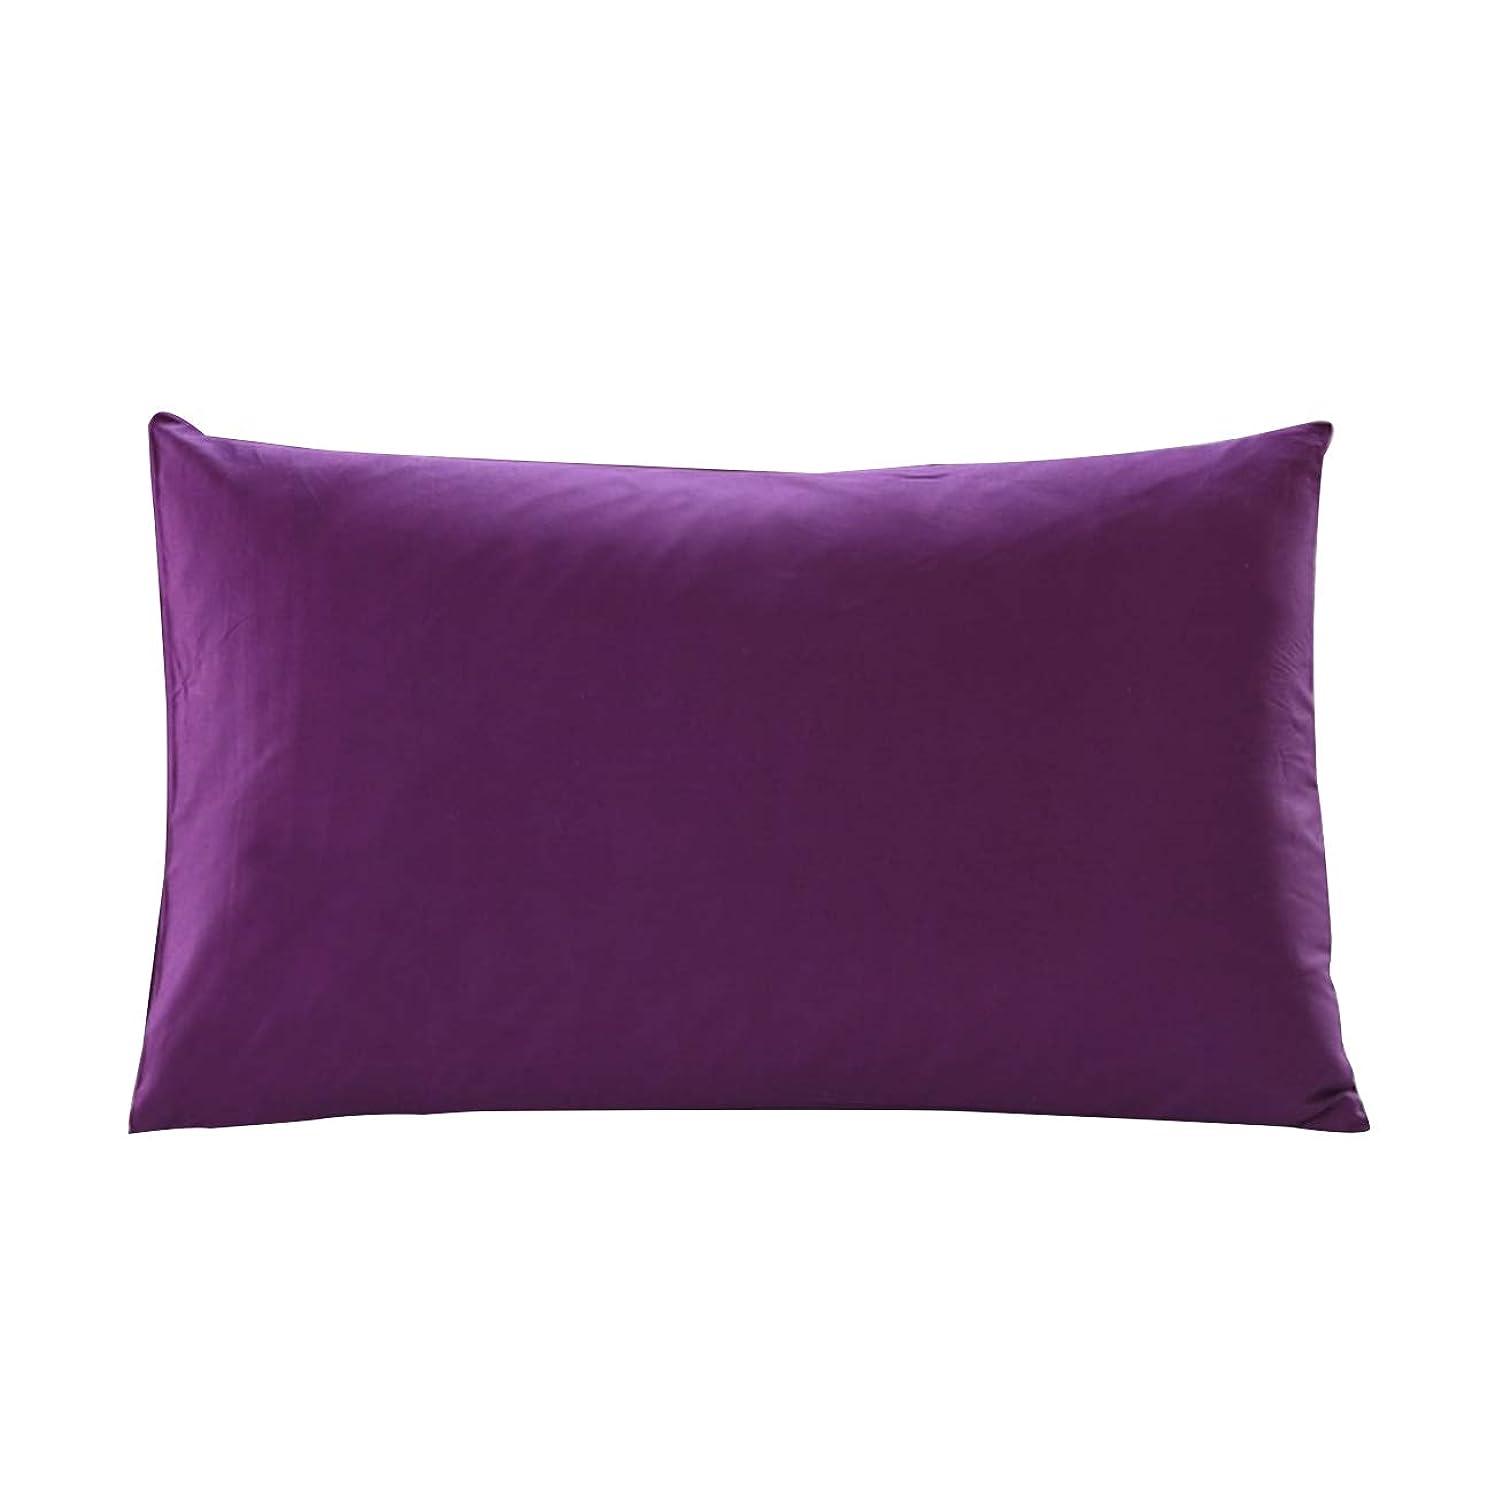 ブロッサムシャッターハウジング枕カバー 75×50cm(70x50cmも可) 綿100% 無地 ピローケース 封筒式 ホテル品質 全12色 (パープル)